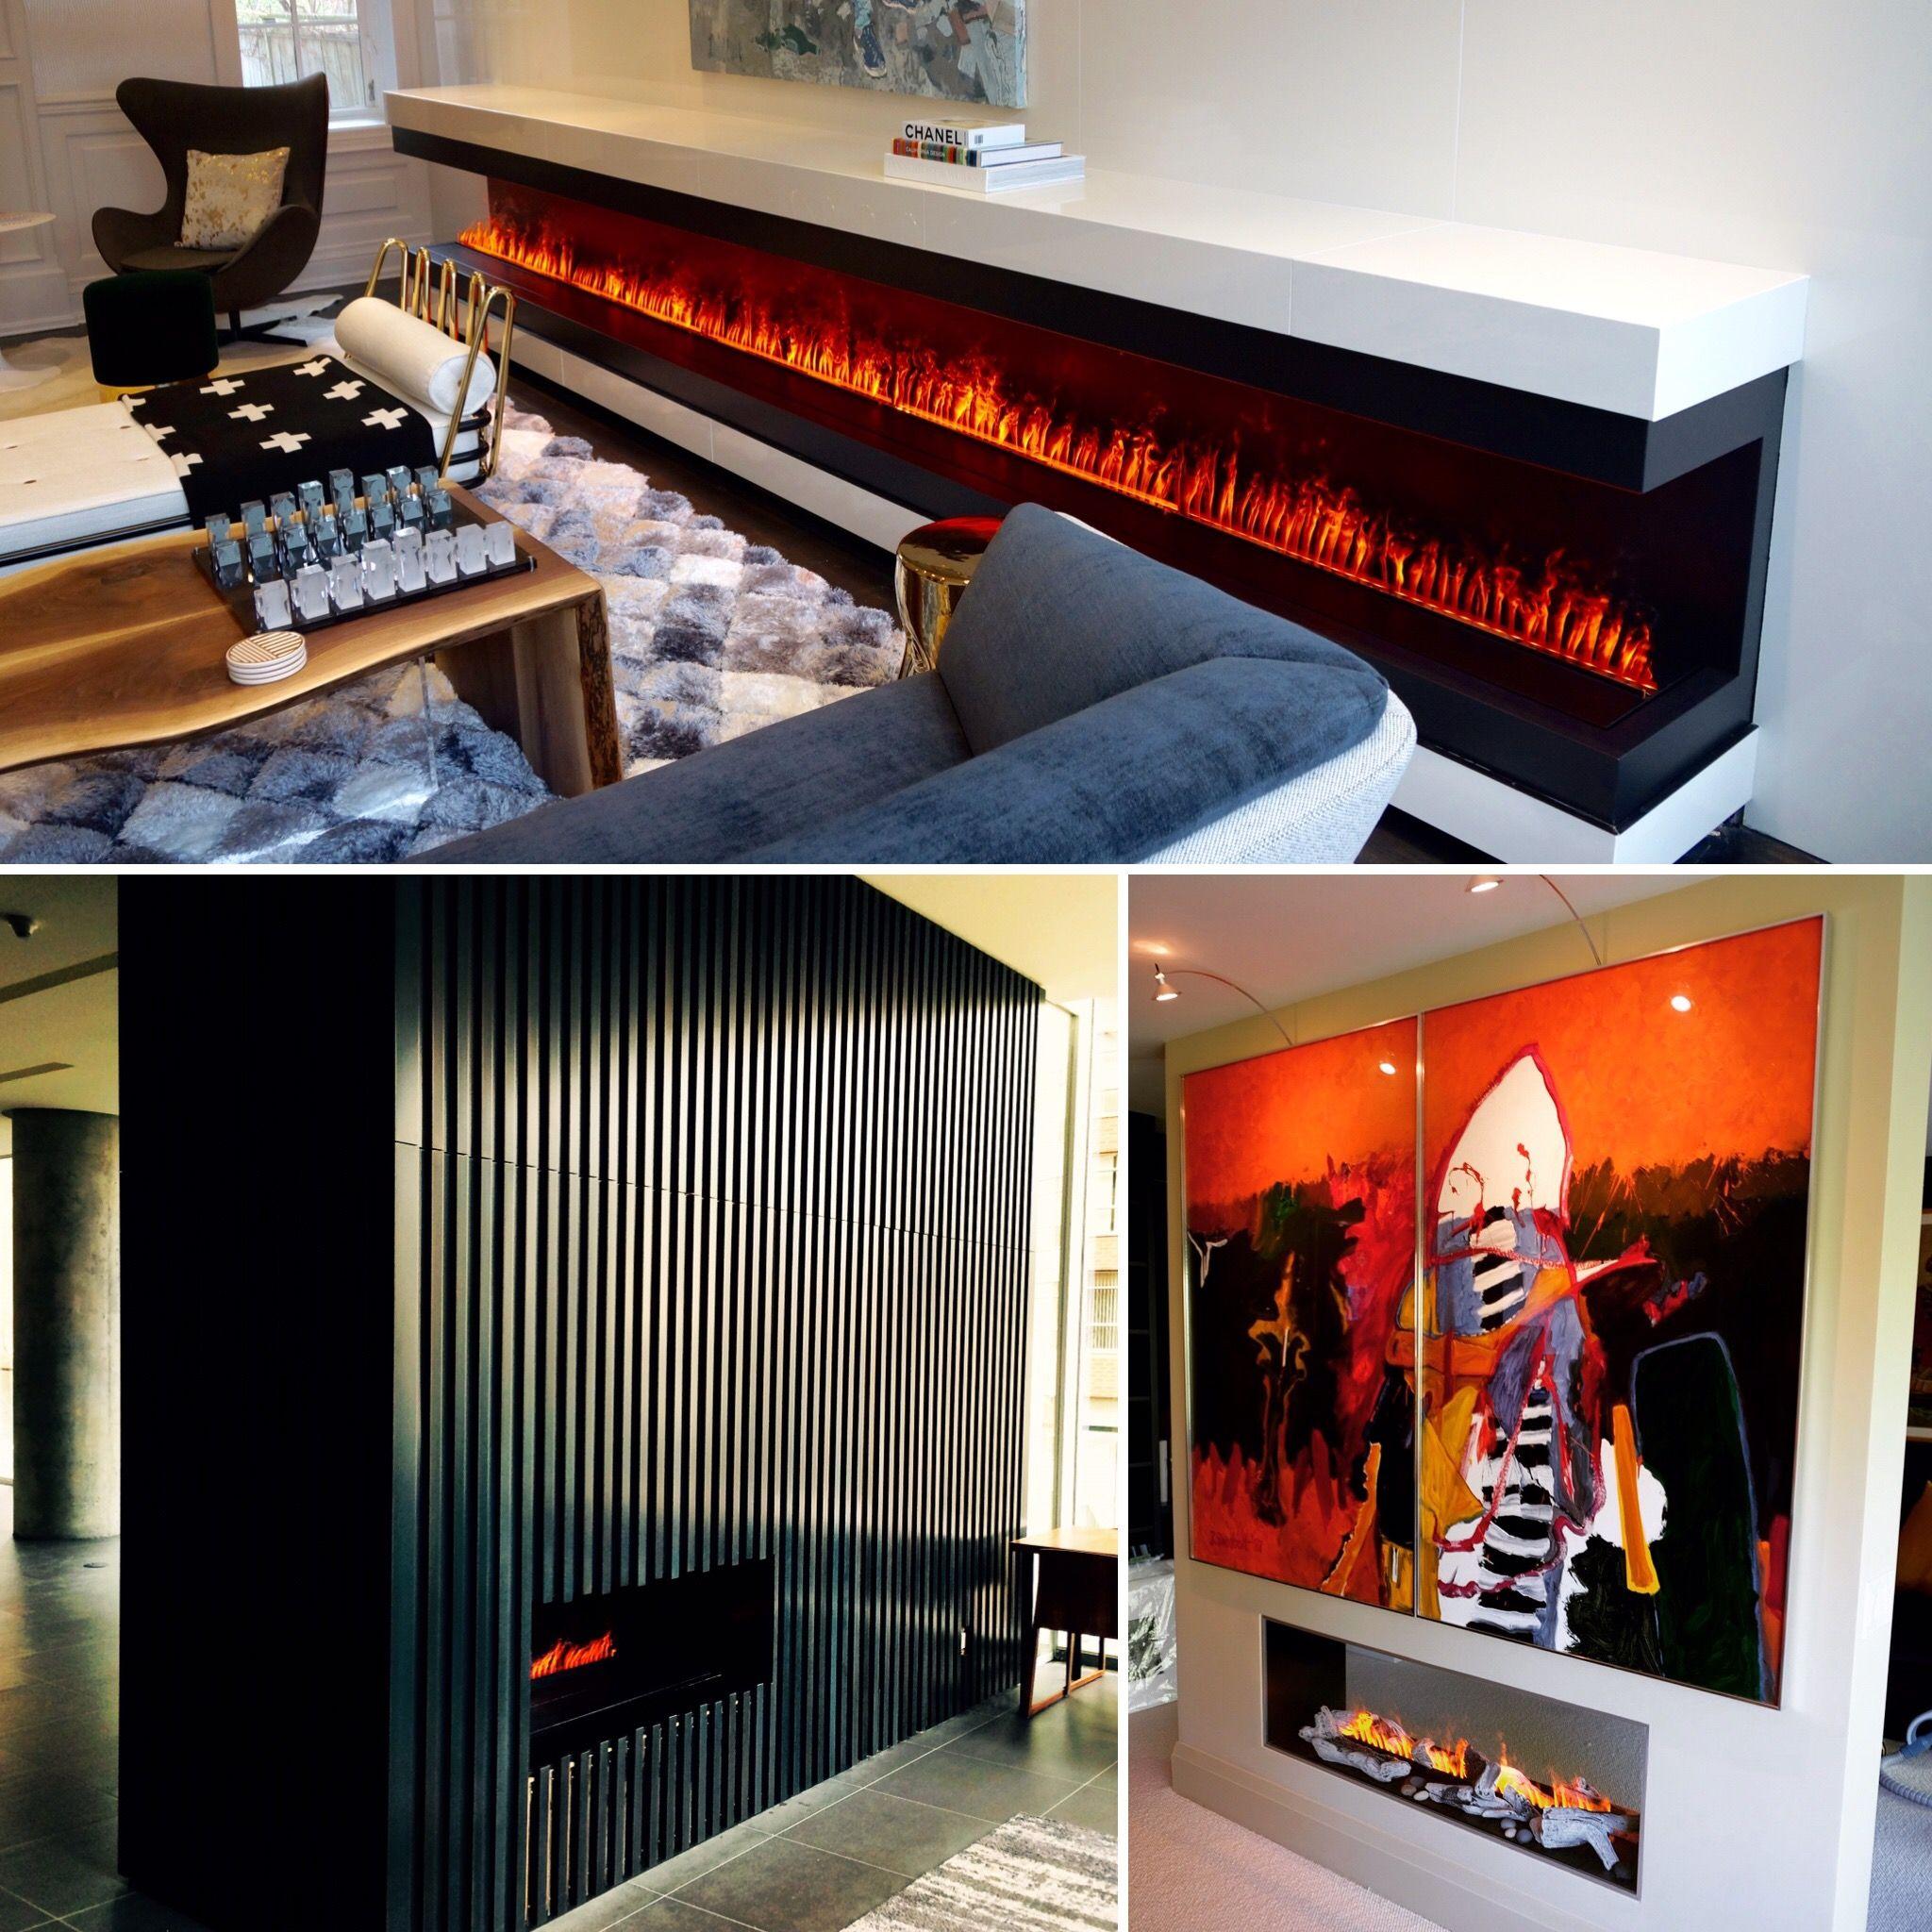 decoration water vapour jobs ideas excellent for export vapor electric fireplace